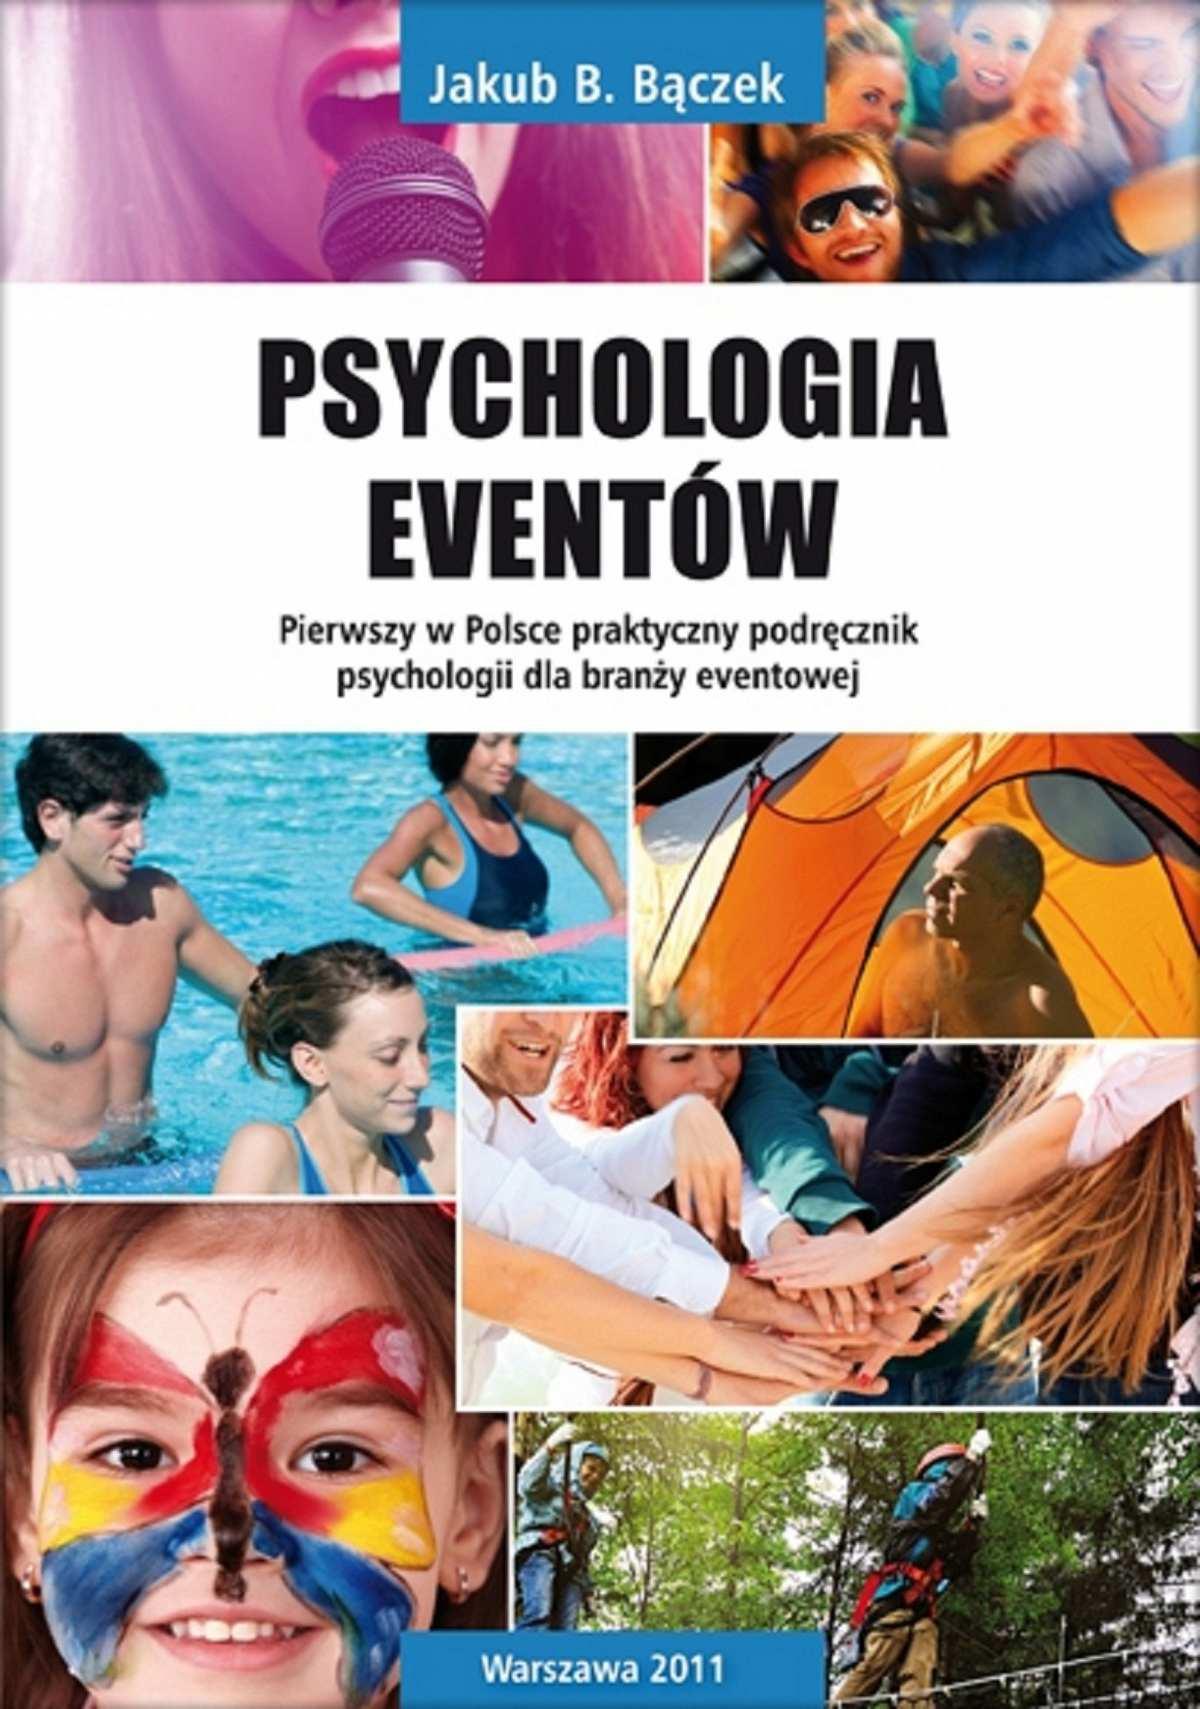 Psychologia eventów - Ebook (Książka PDF) do pobrania w formacie PDF